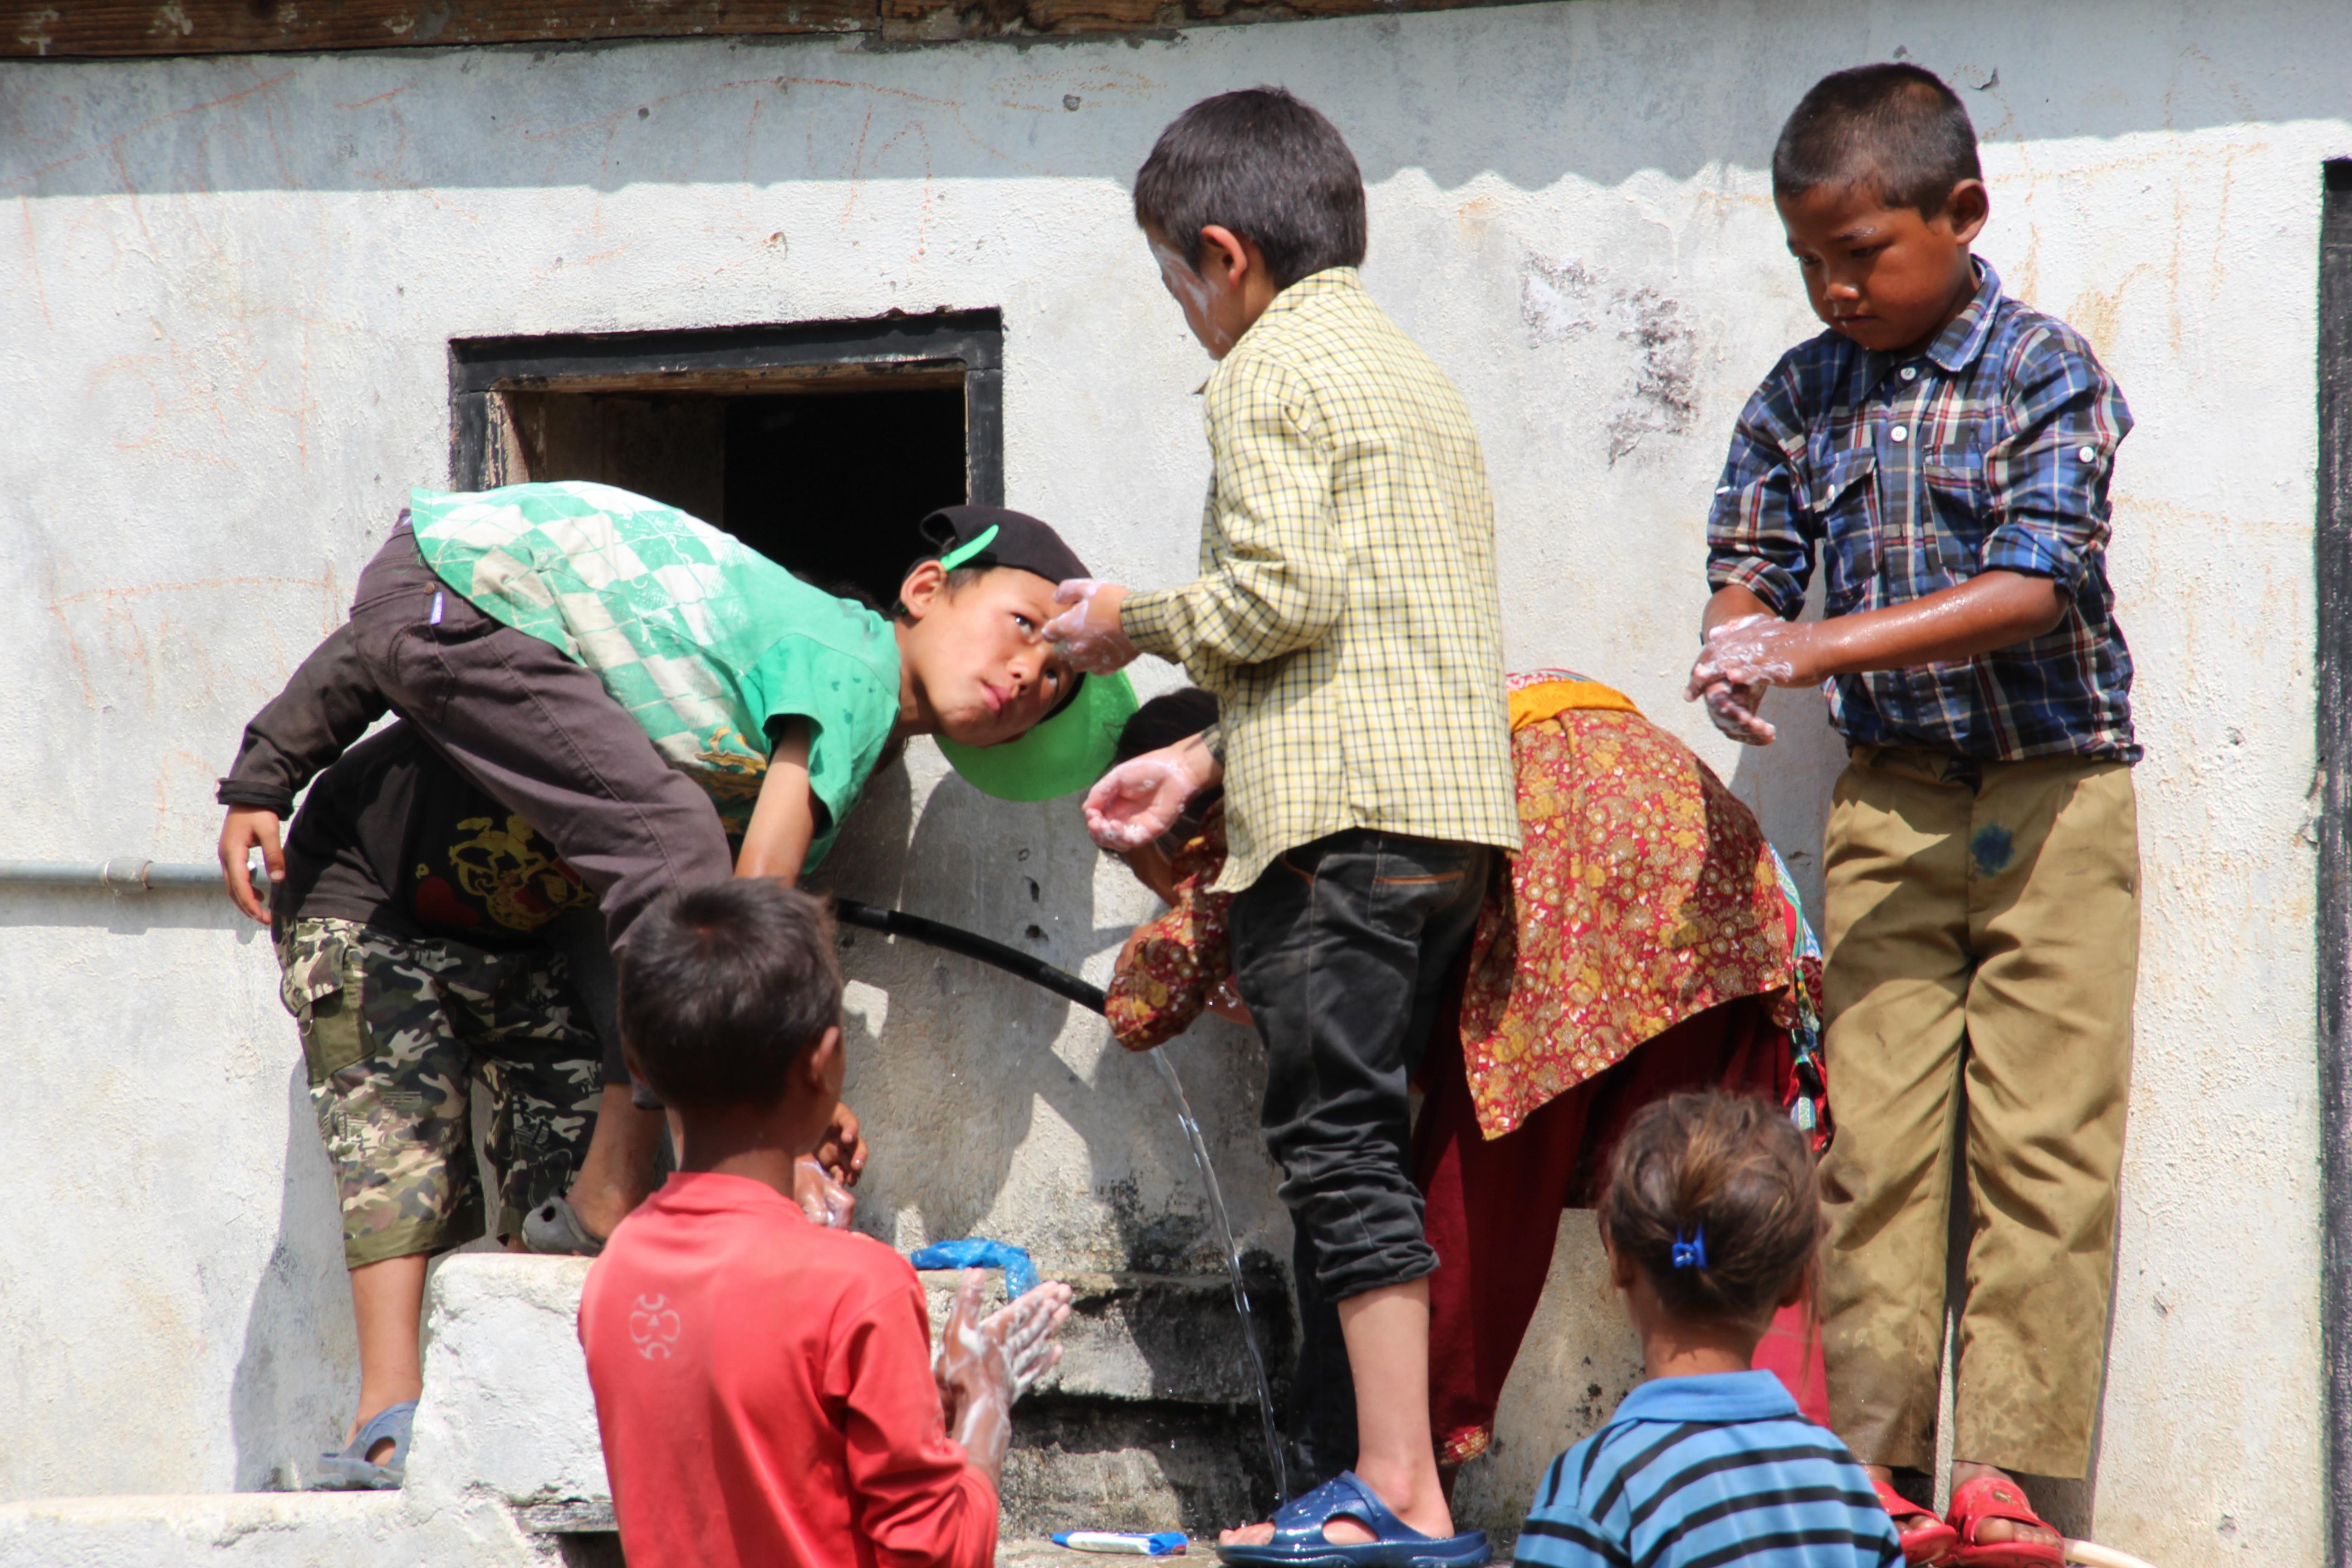 Refugee Camp Sanitation Project